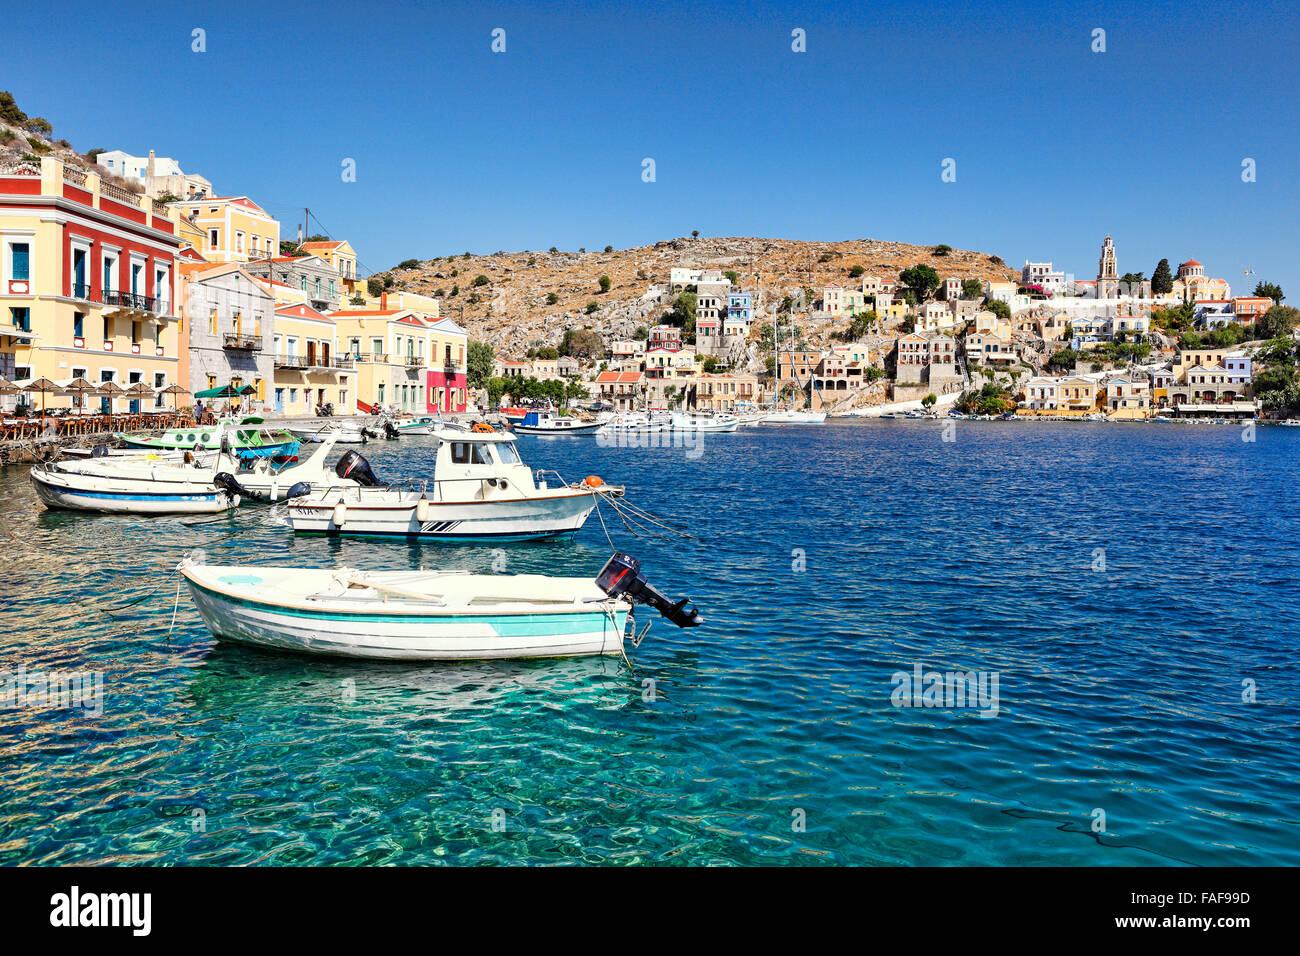 Angelboote/Fischerboote im Hafen von Symi Island, Griechenland Stockbild